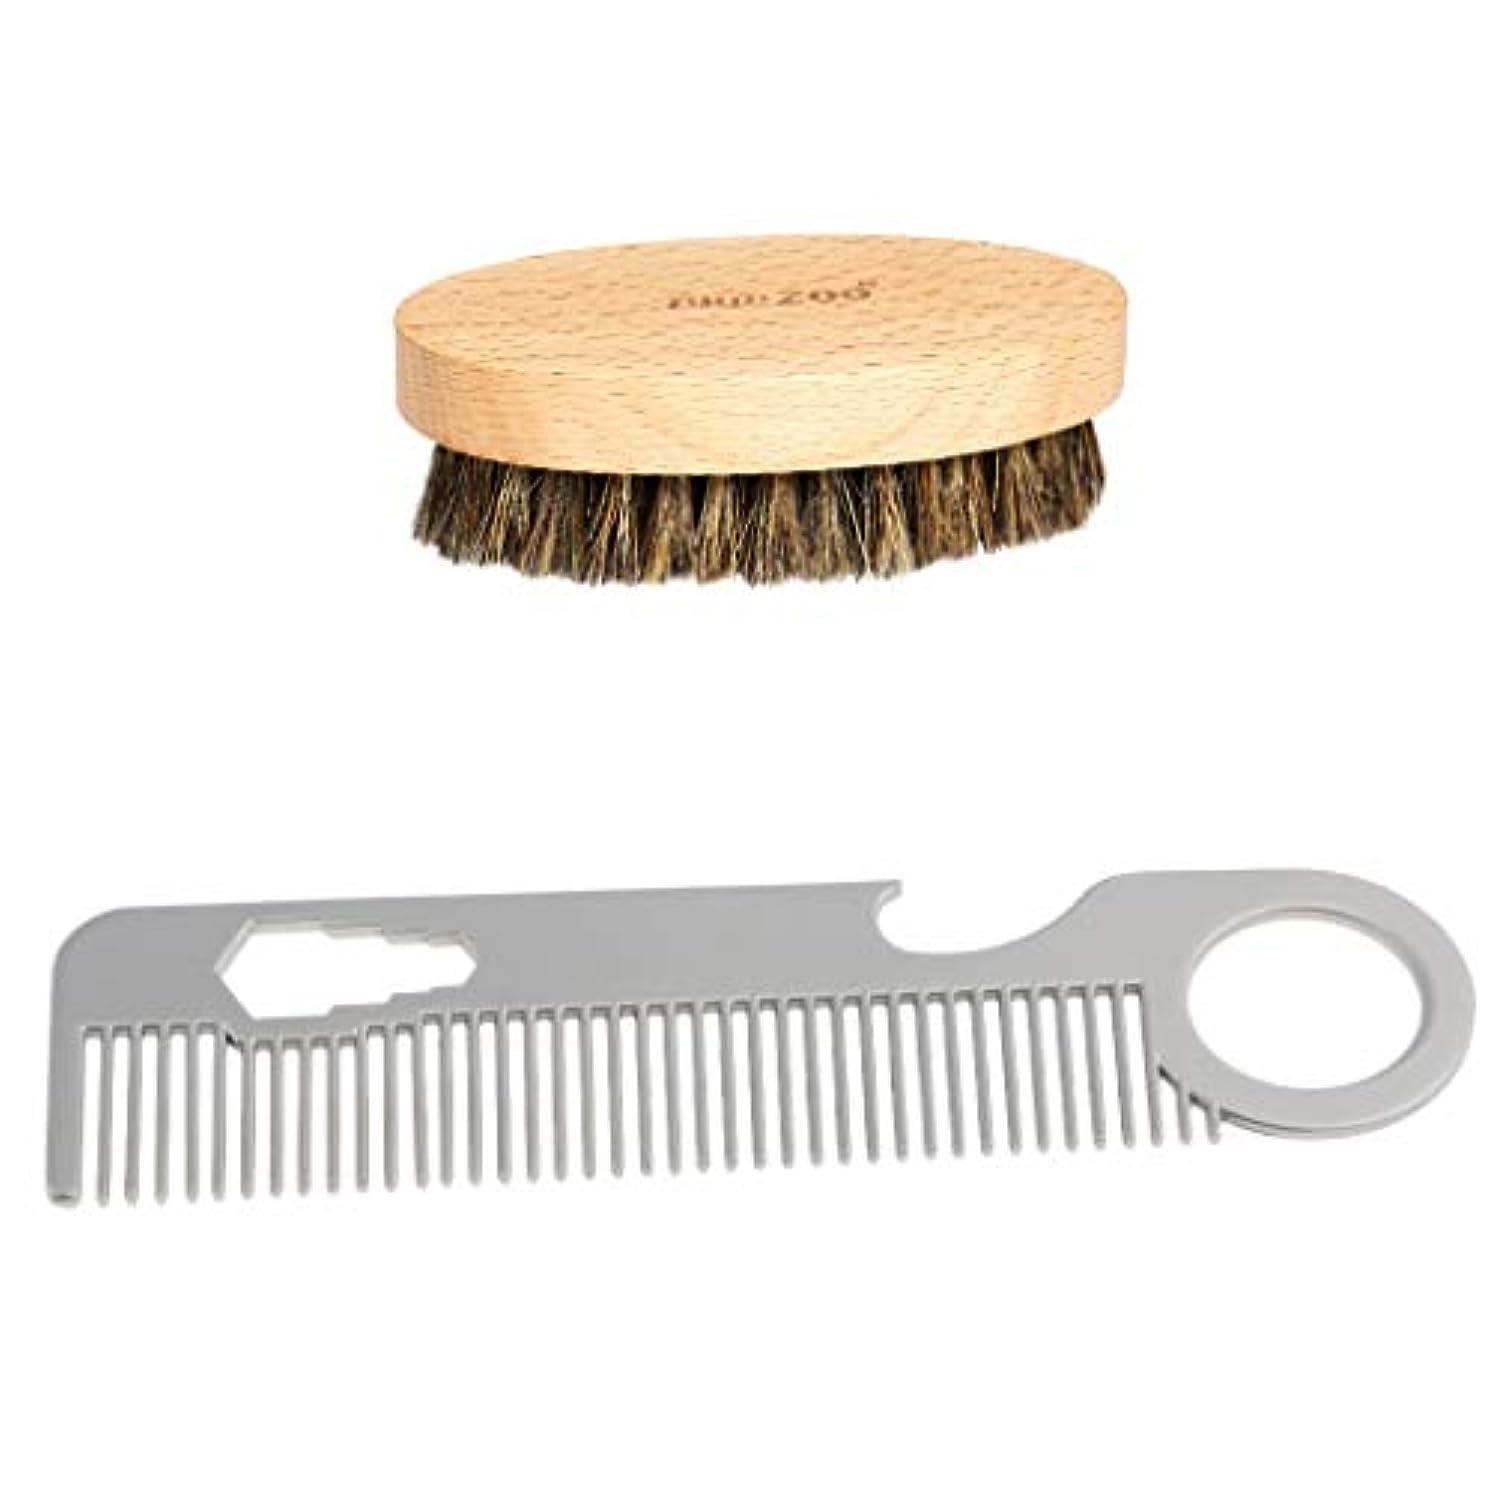 養うレスリングサイレントシェービングブラシ ひげコーム スタイリング デタングルコーム 理髪店 ヘアサロン 家庭用 2点セット